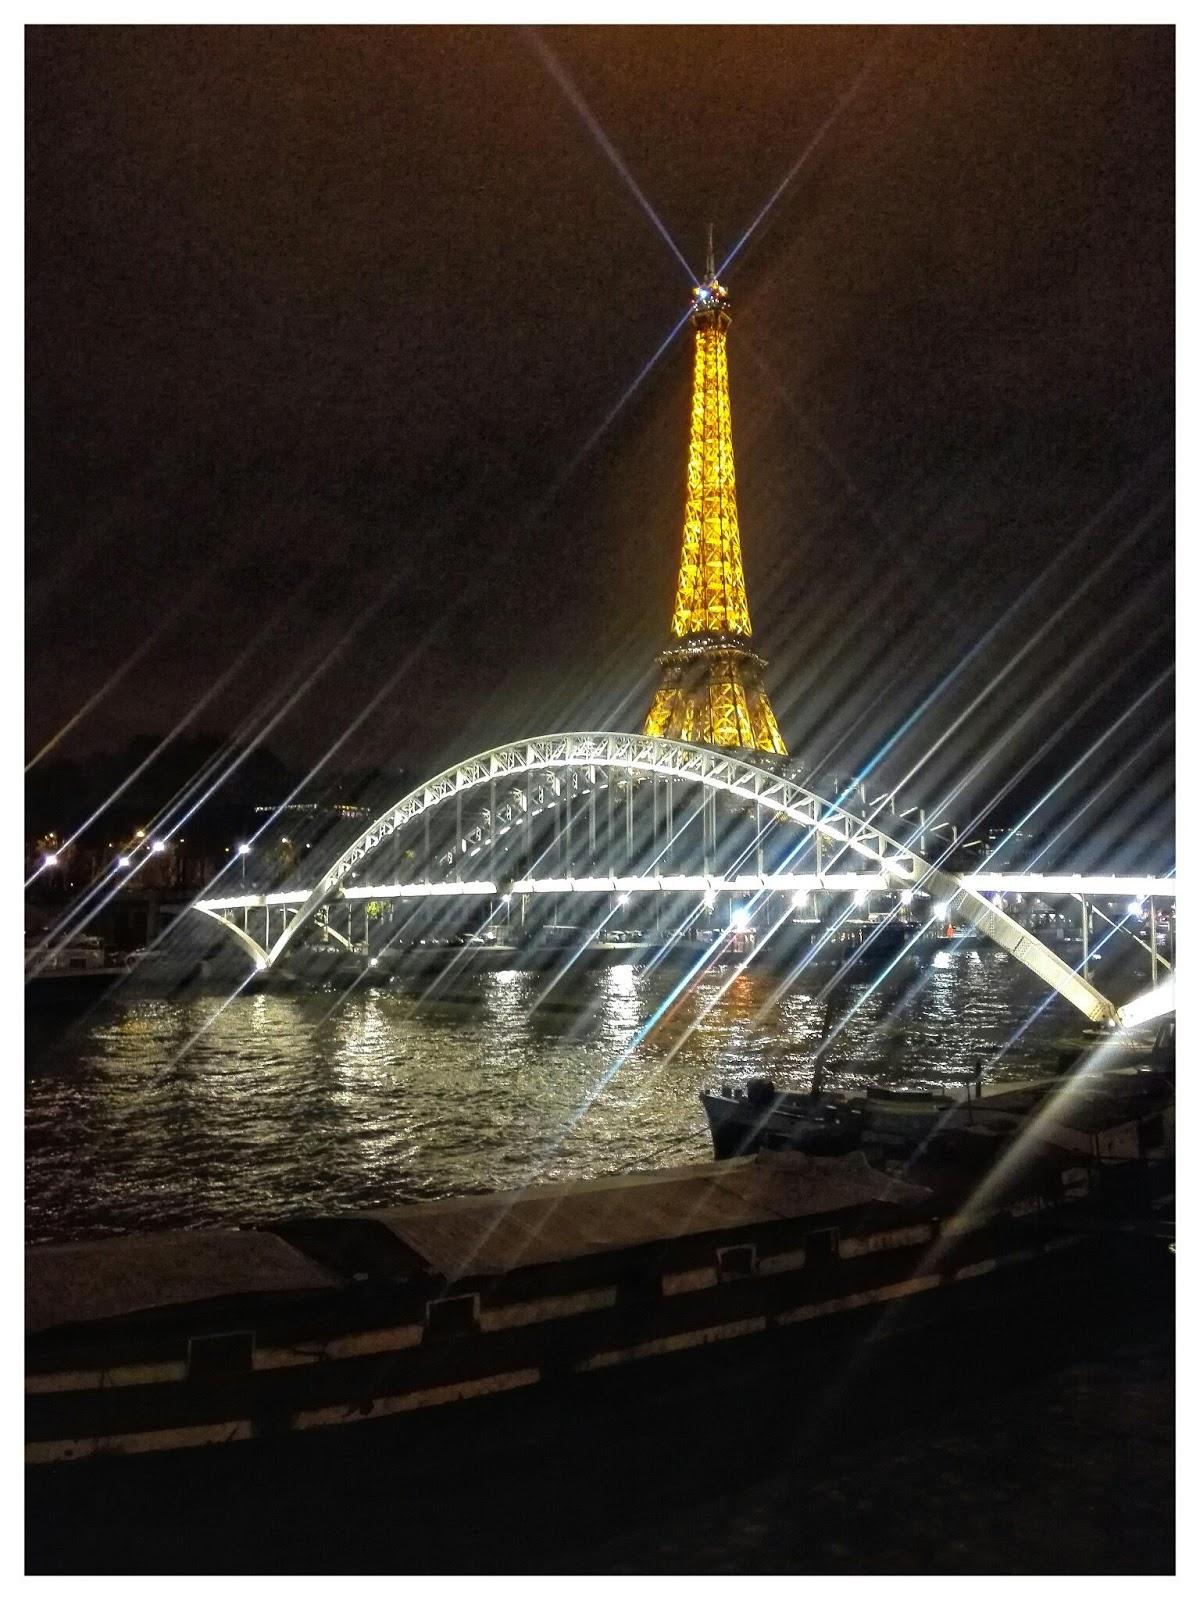 eiffel tower new year eve 2019 photos